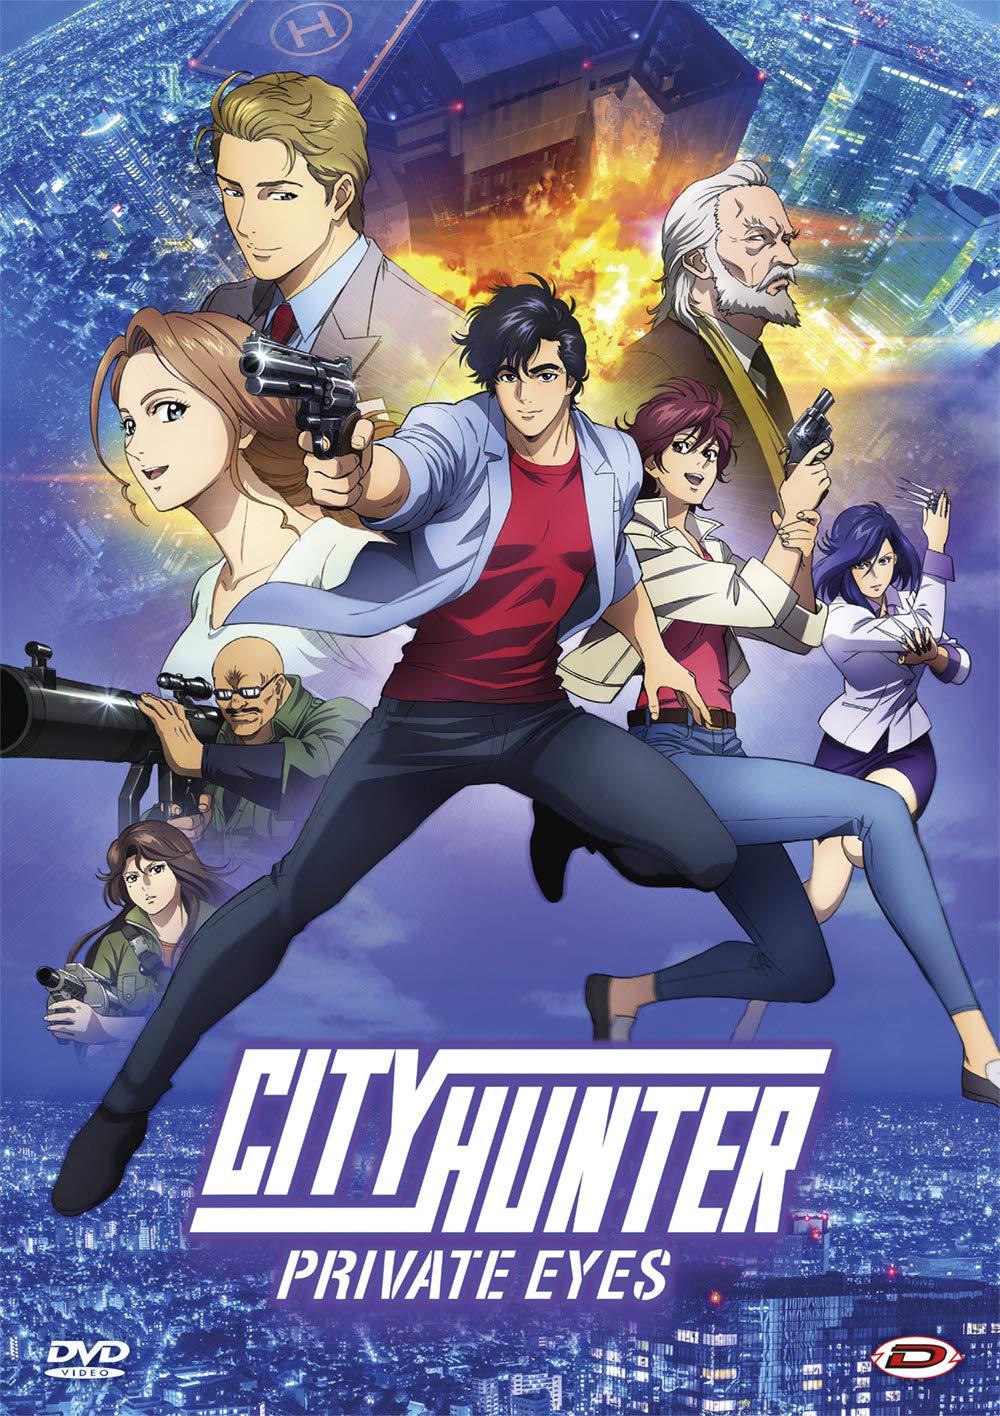 City Hunter Private Eyes: Amazon.it: Animazione Giapponese, Animazione  Giapponese: Film e TV